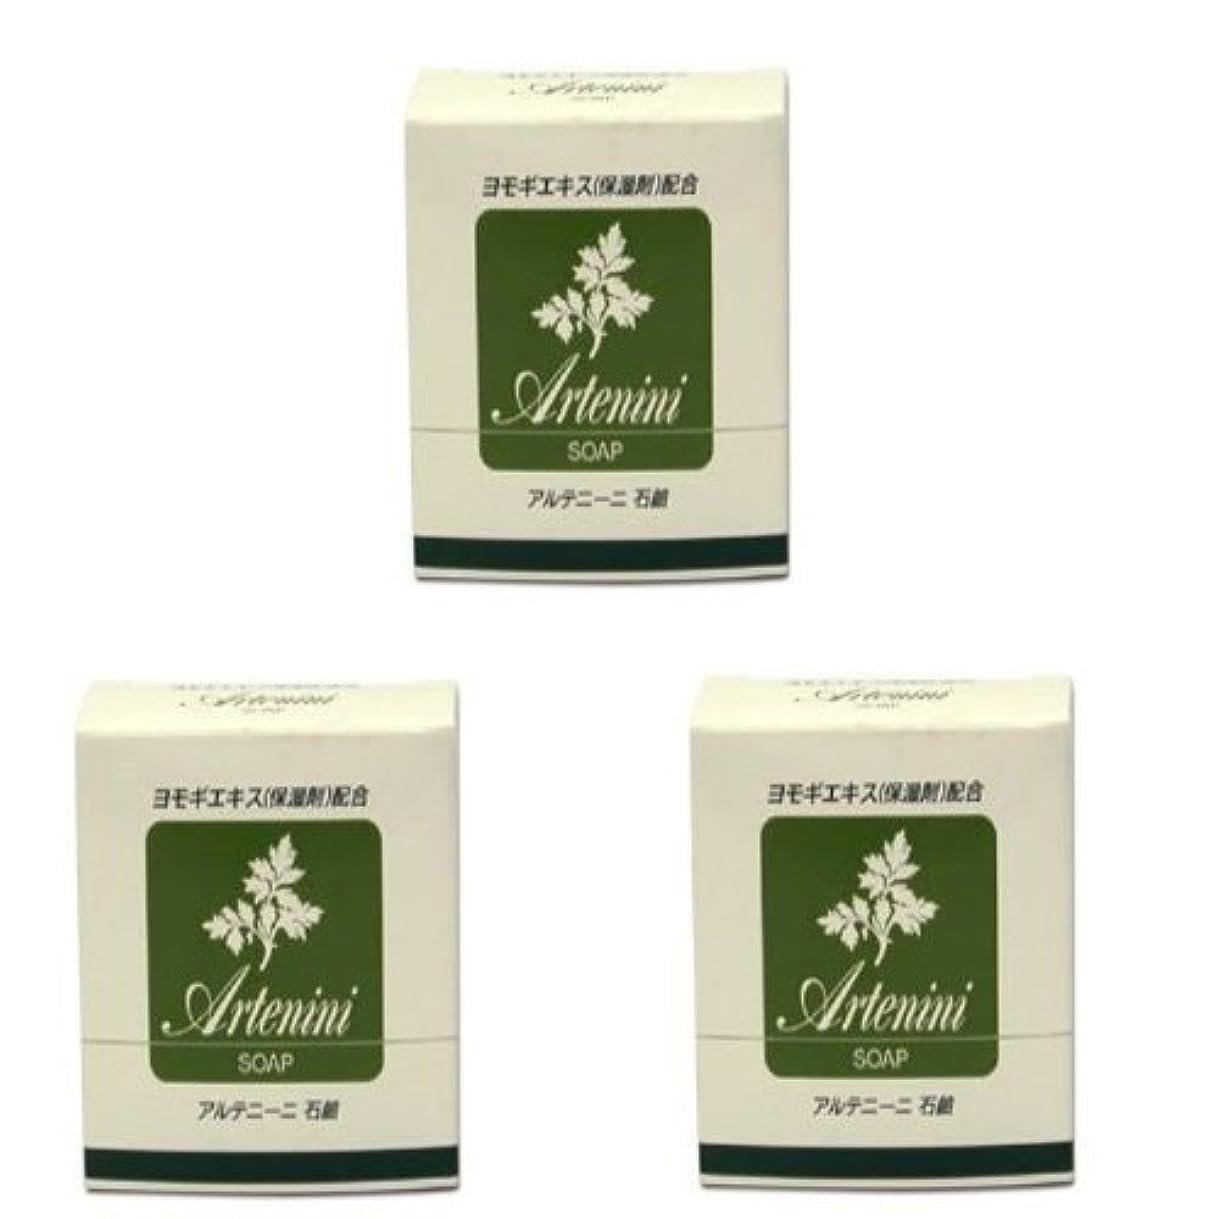 セラフ航海の化合物アルテニーニ 石鹸 3個組